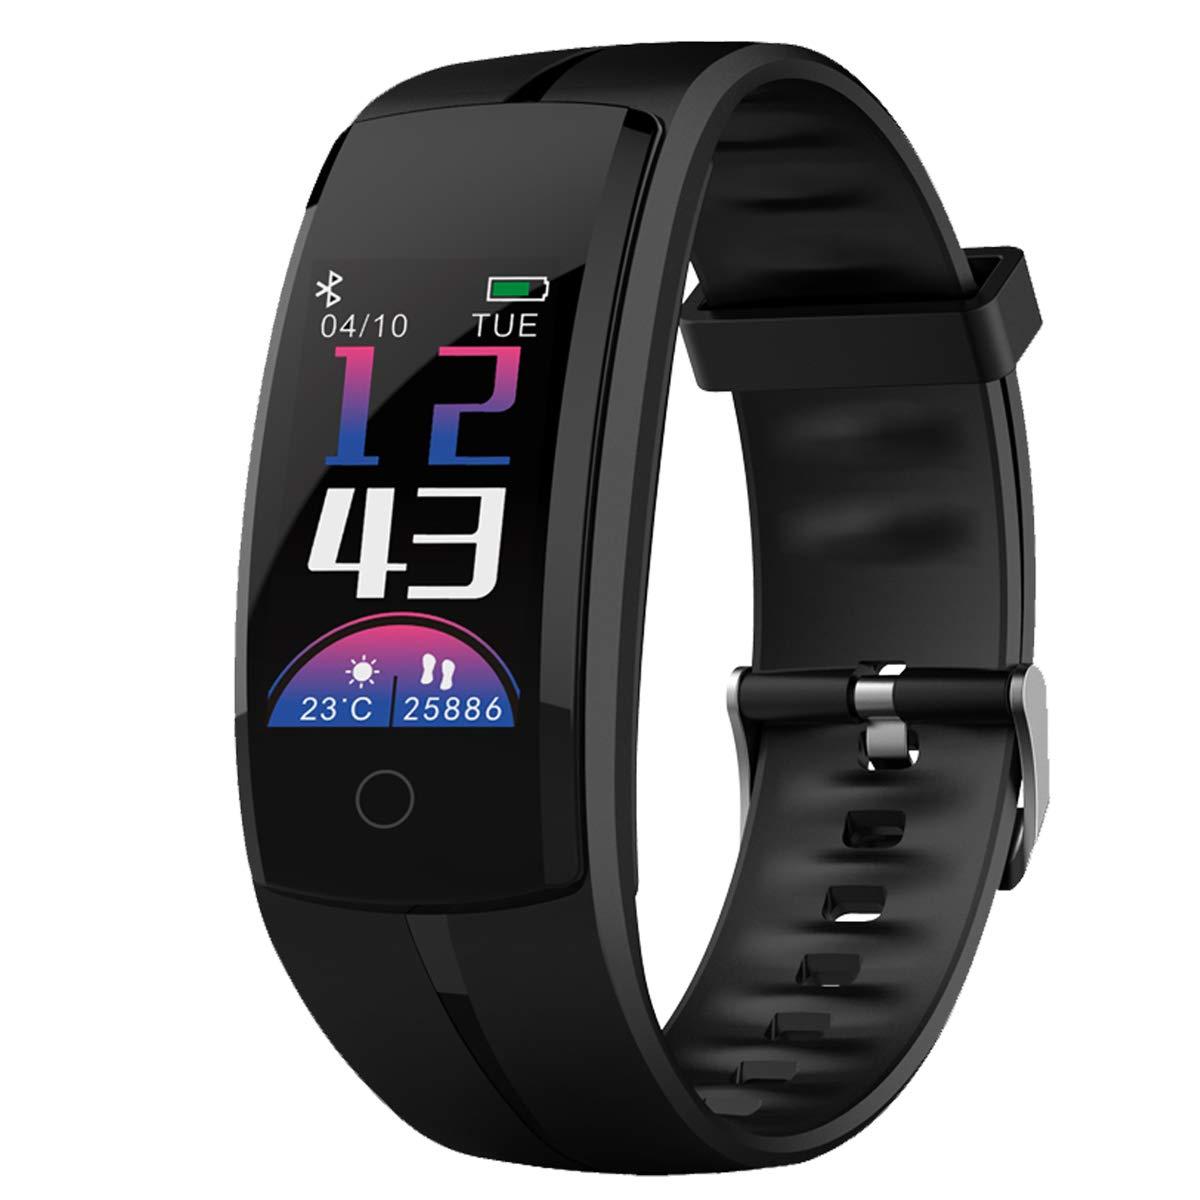 Tracker UhrActivity Sleep Smartwatch Fitness Schrittzähler Mit Monitoramp; Armband Bluetooth Zeerkeer Smart Herzfrequenz Nachrichten K1JcF3lT